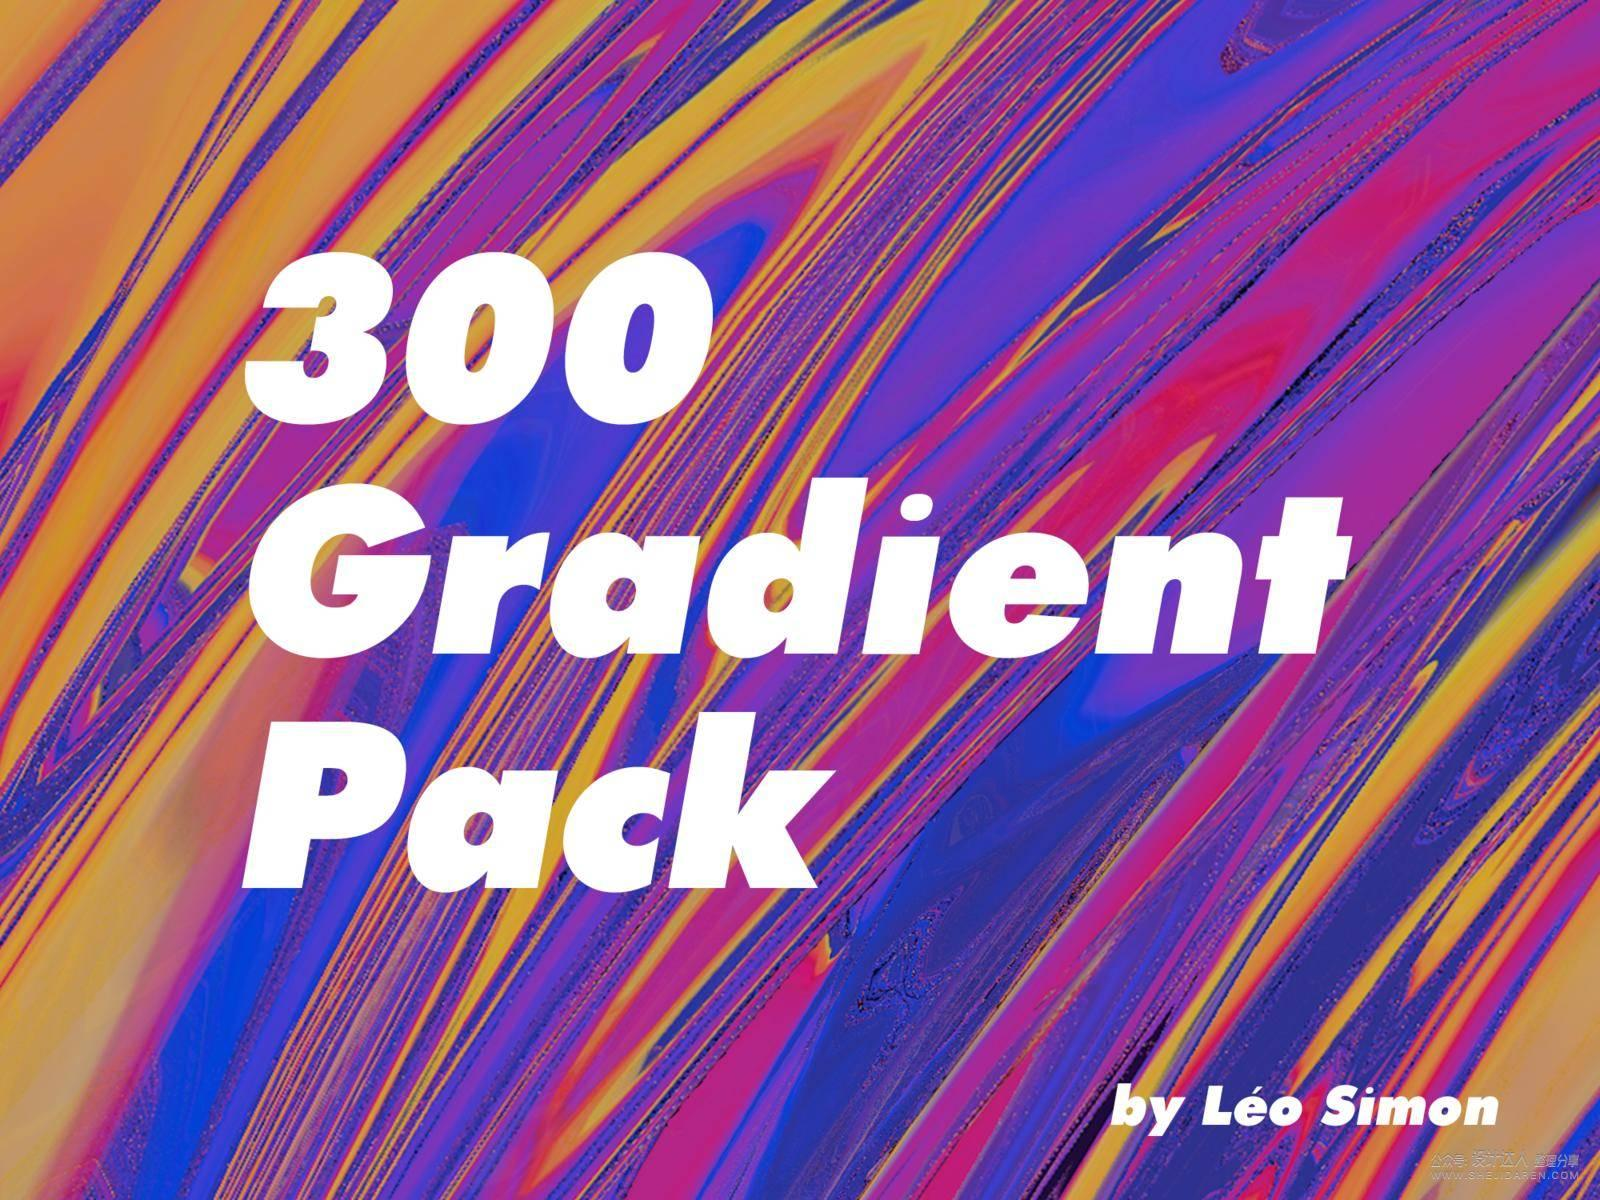 巴黎设计师总结的300个好看PS渐变预设